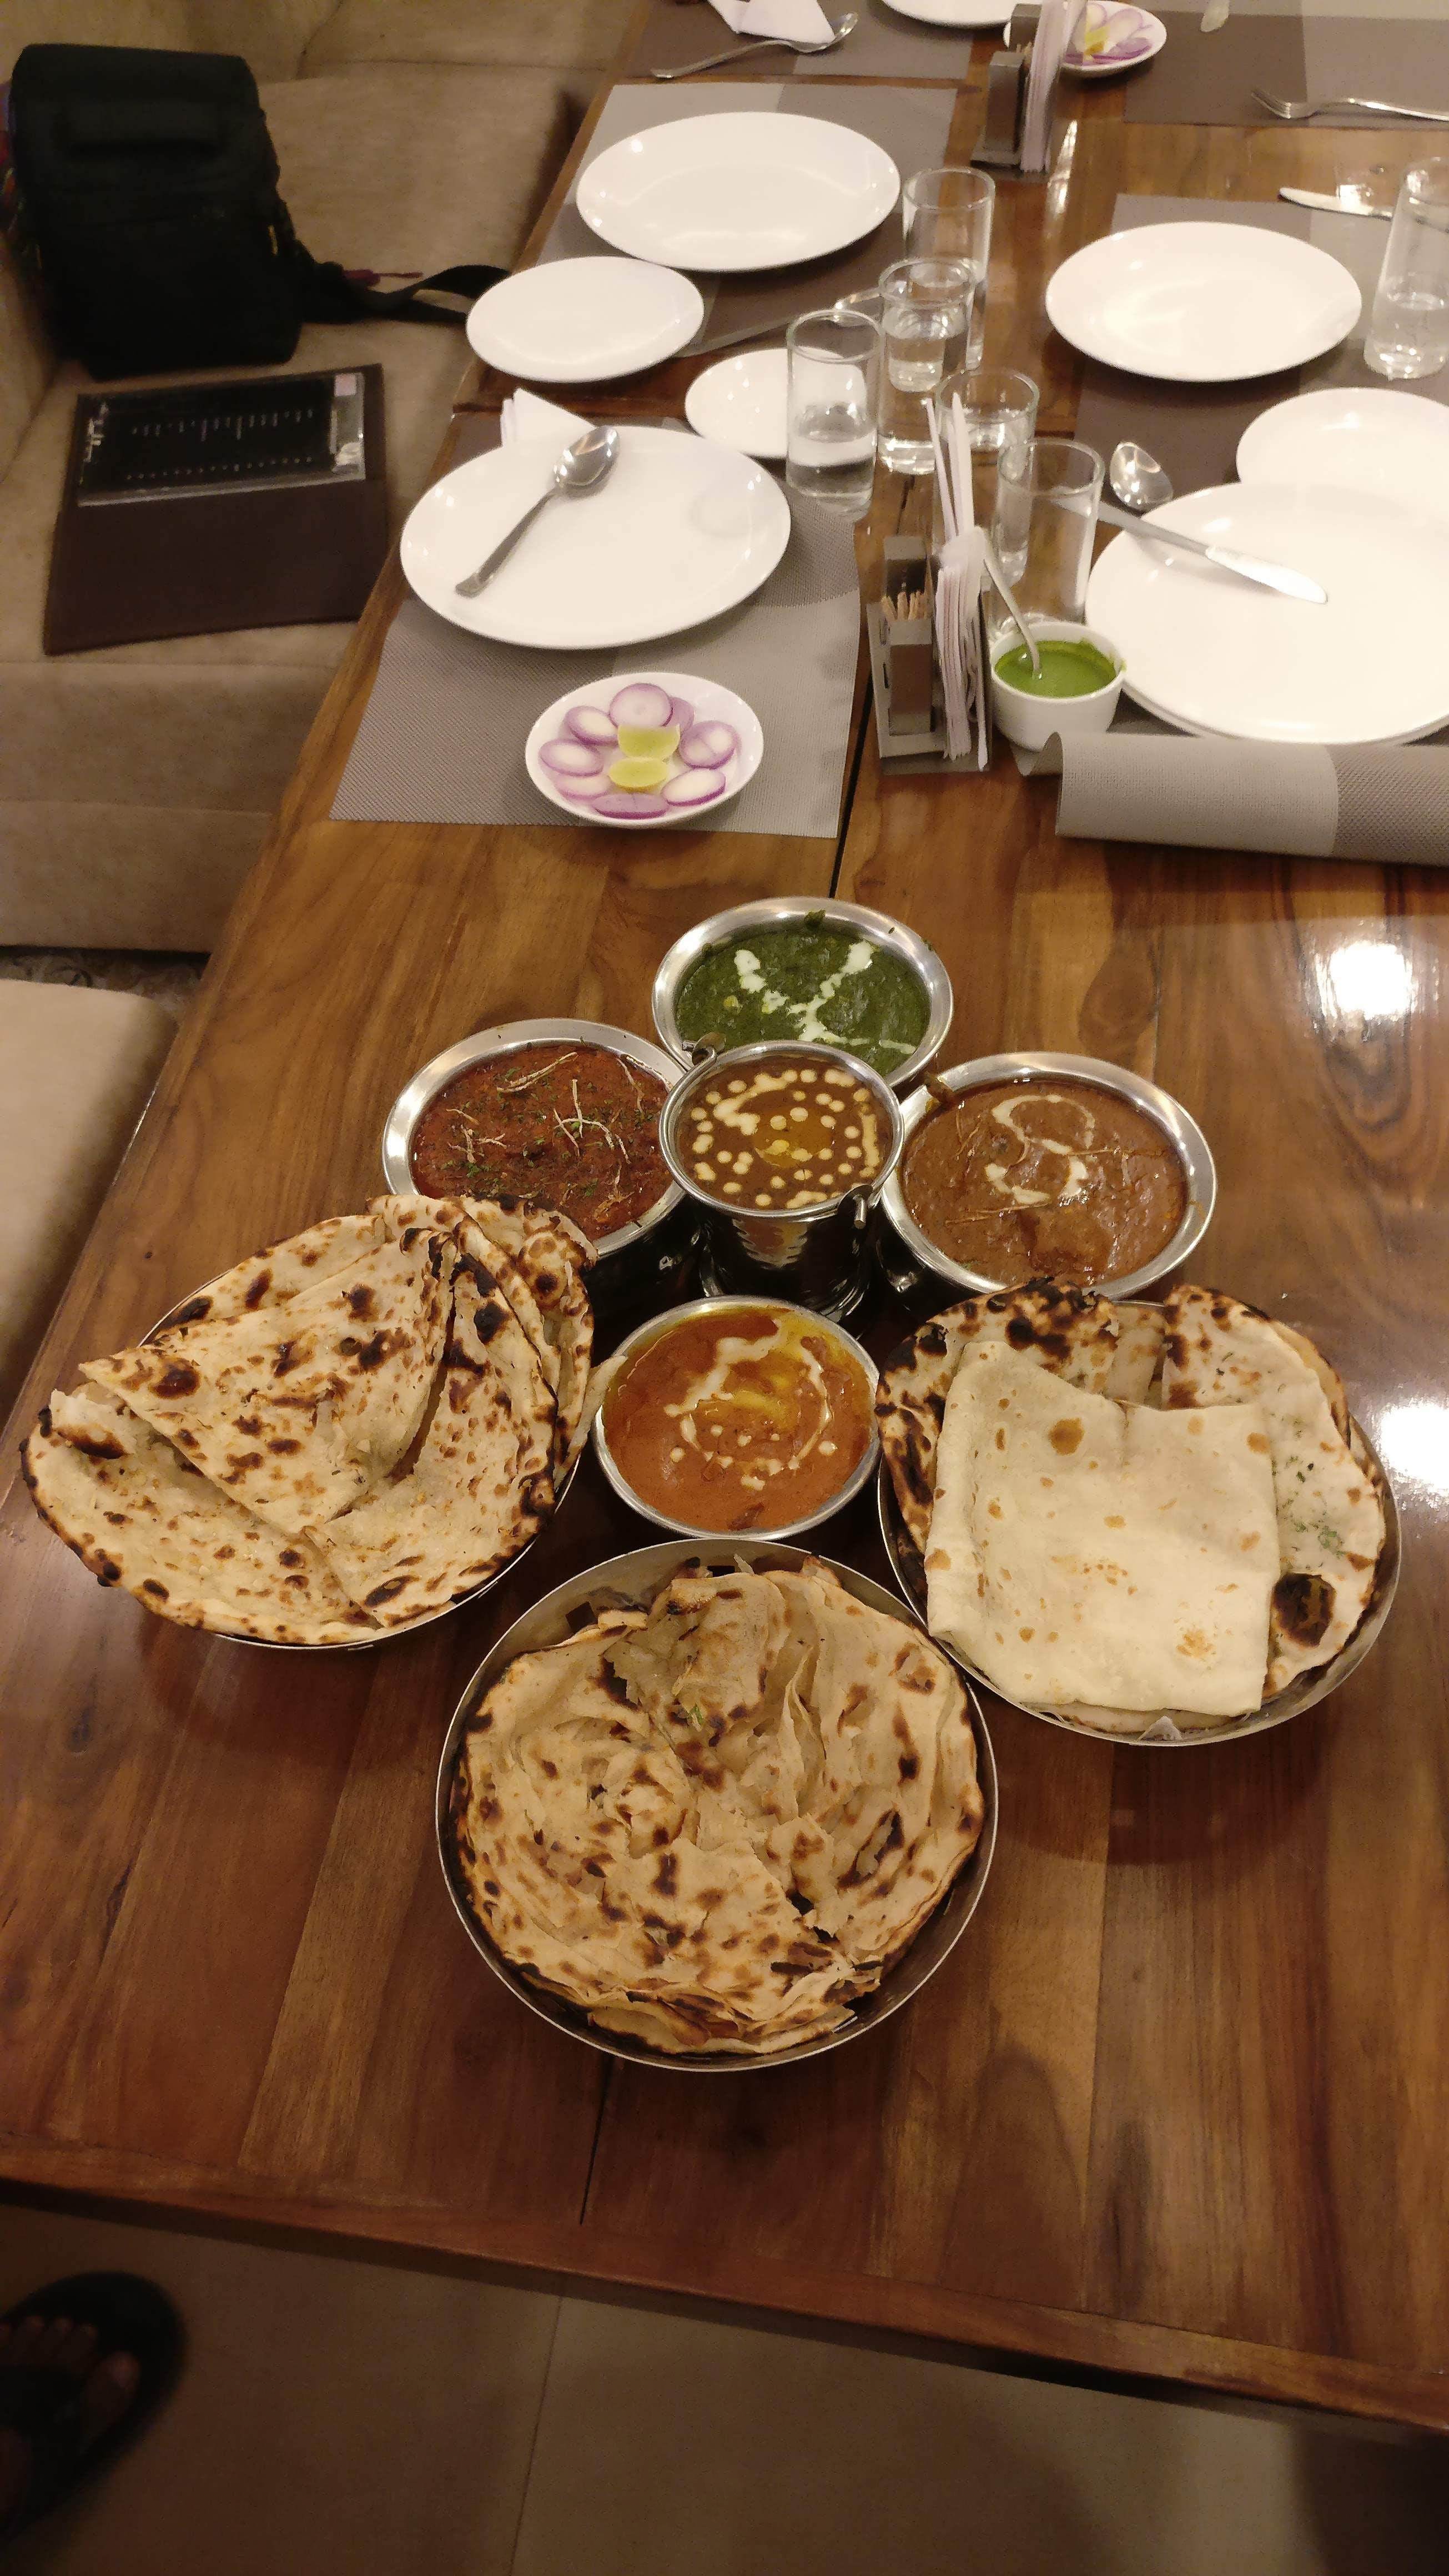 Food,Dish,Cuisine,Ingredient,Meal,Brunch,Finger food,Indian cuisine,Supper,Flatbread